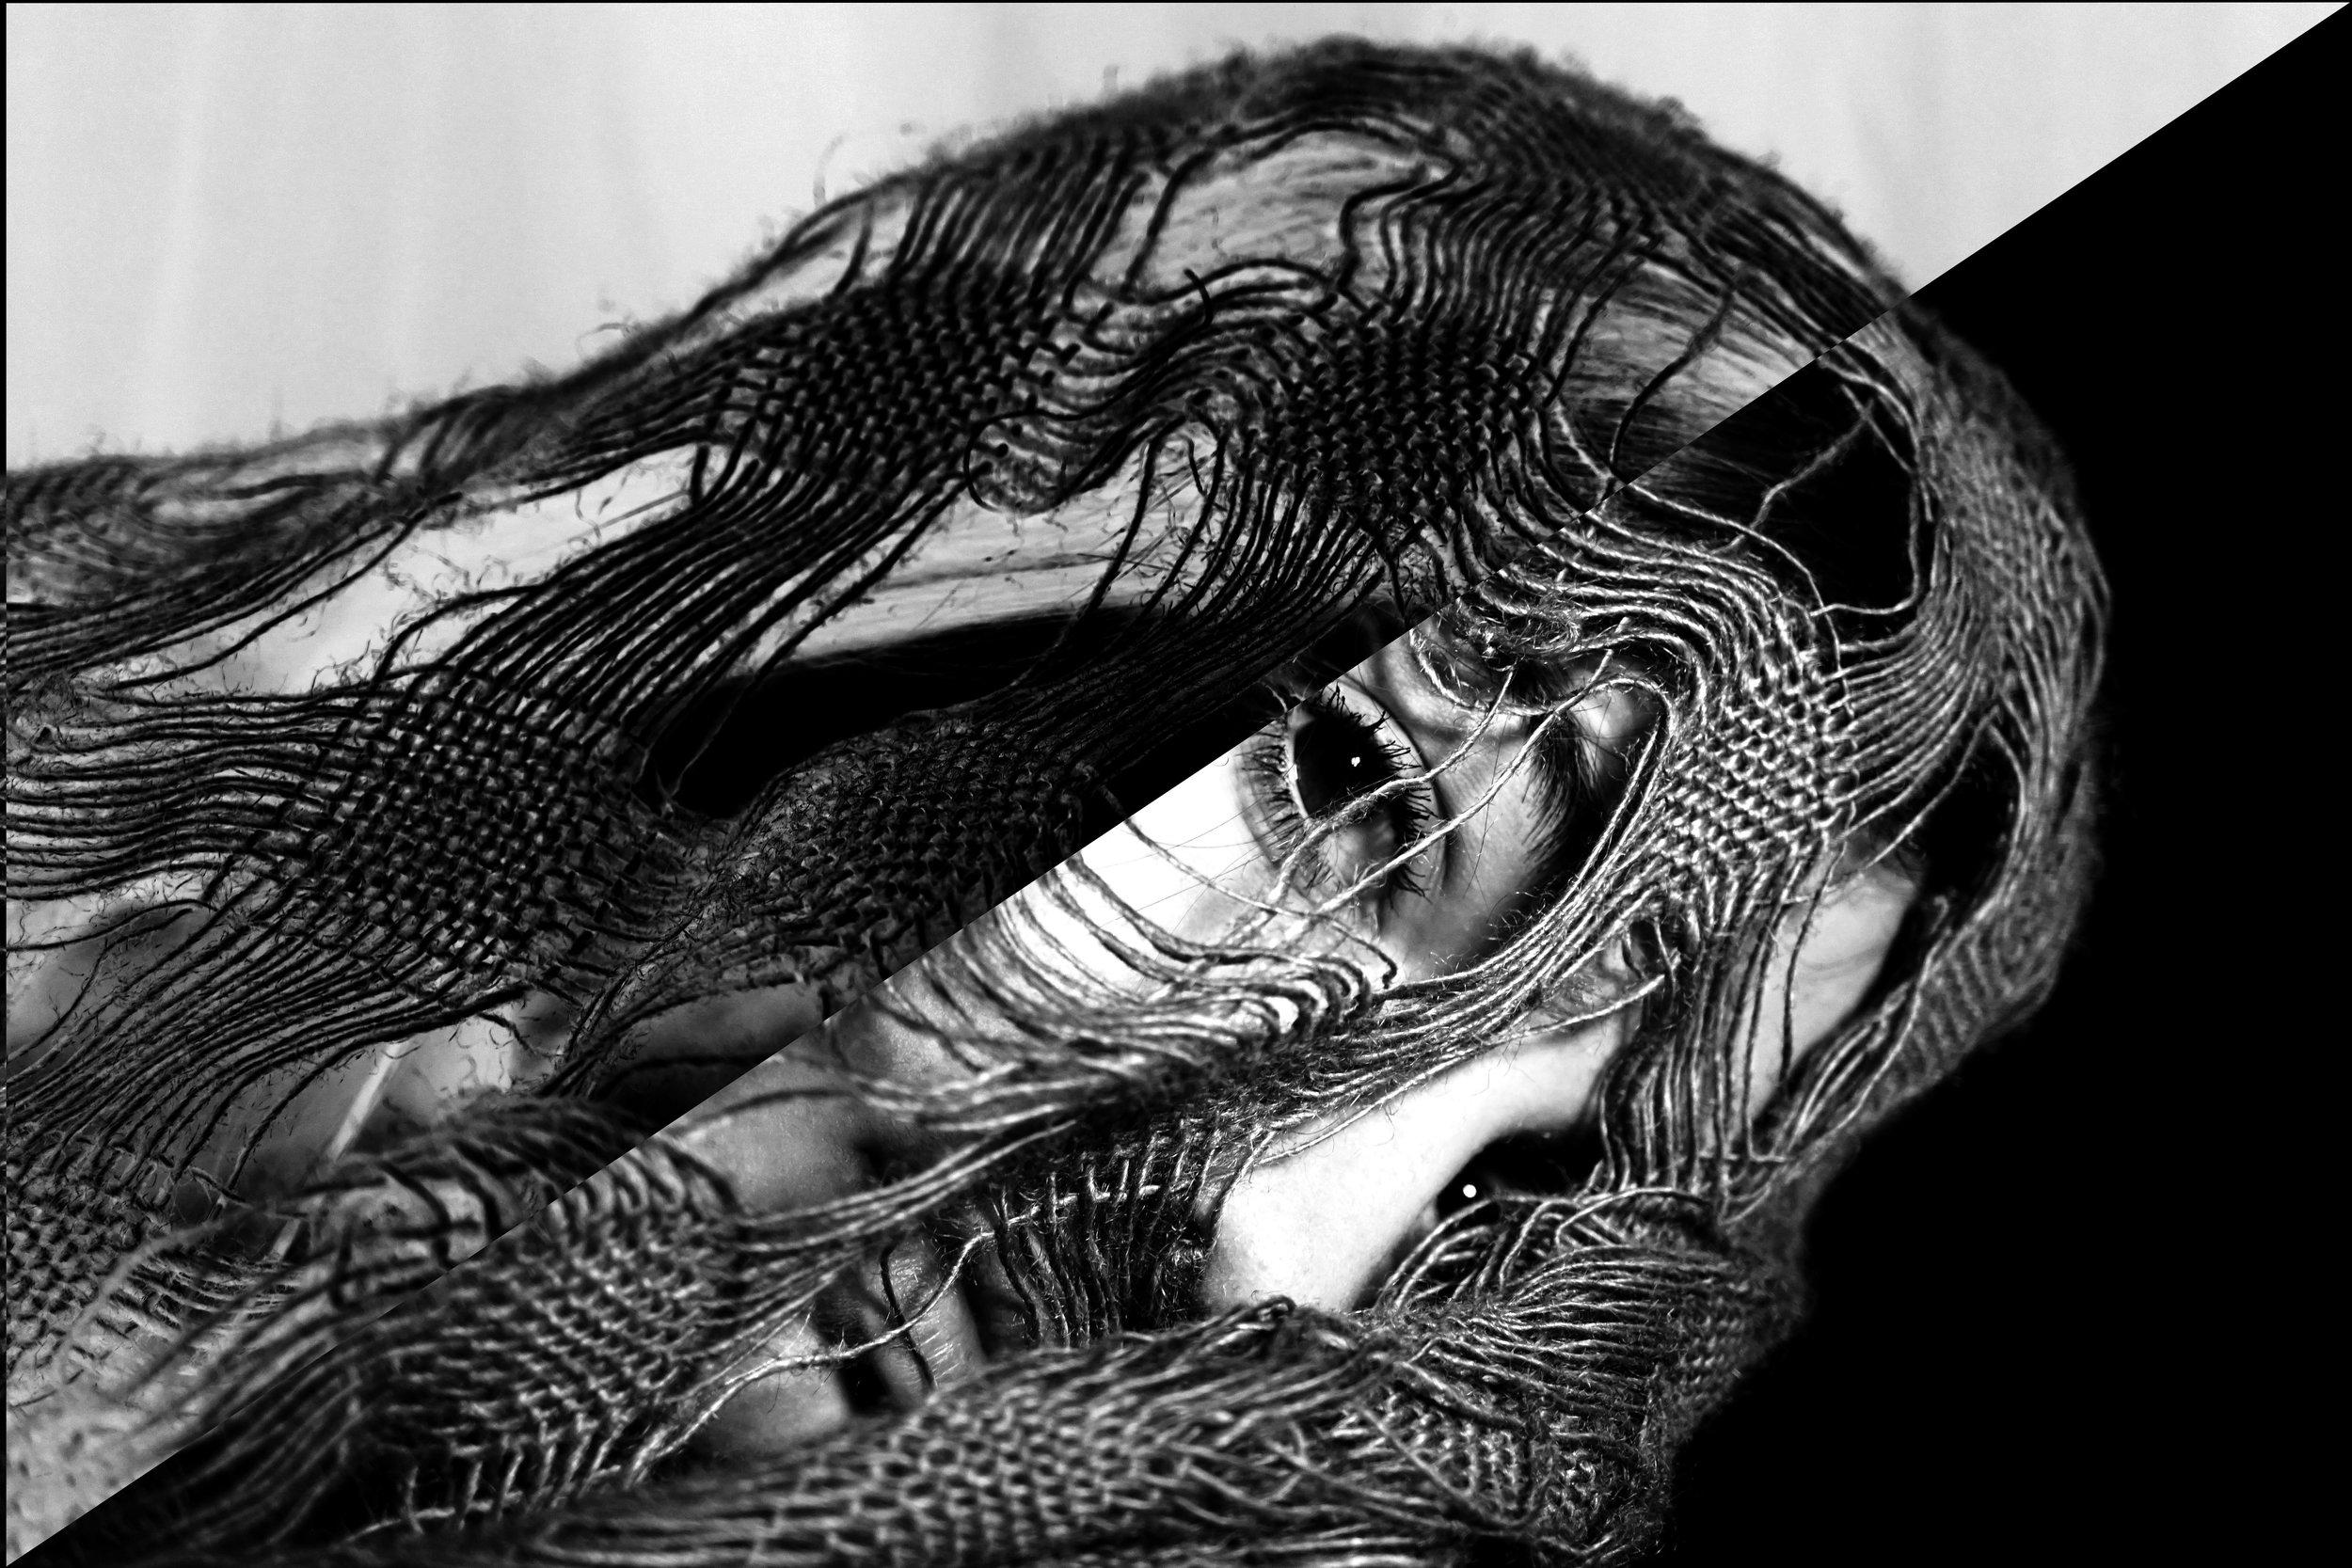 angelina modernist woven blanket solarisation.jpg